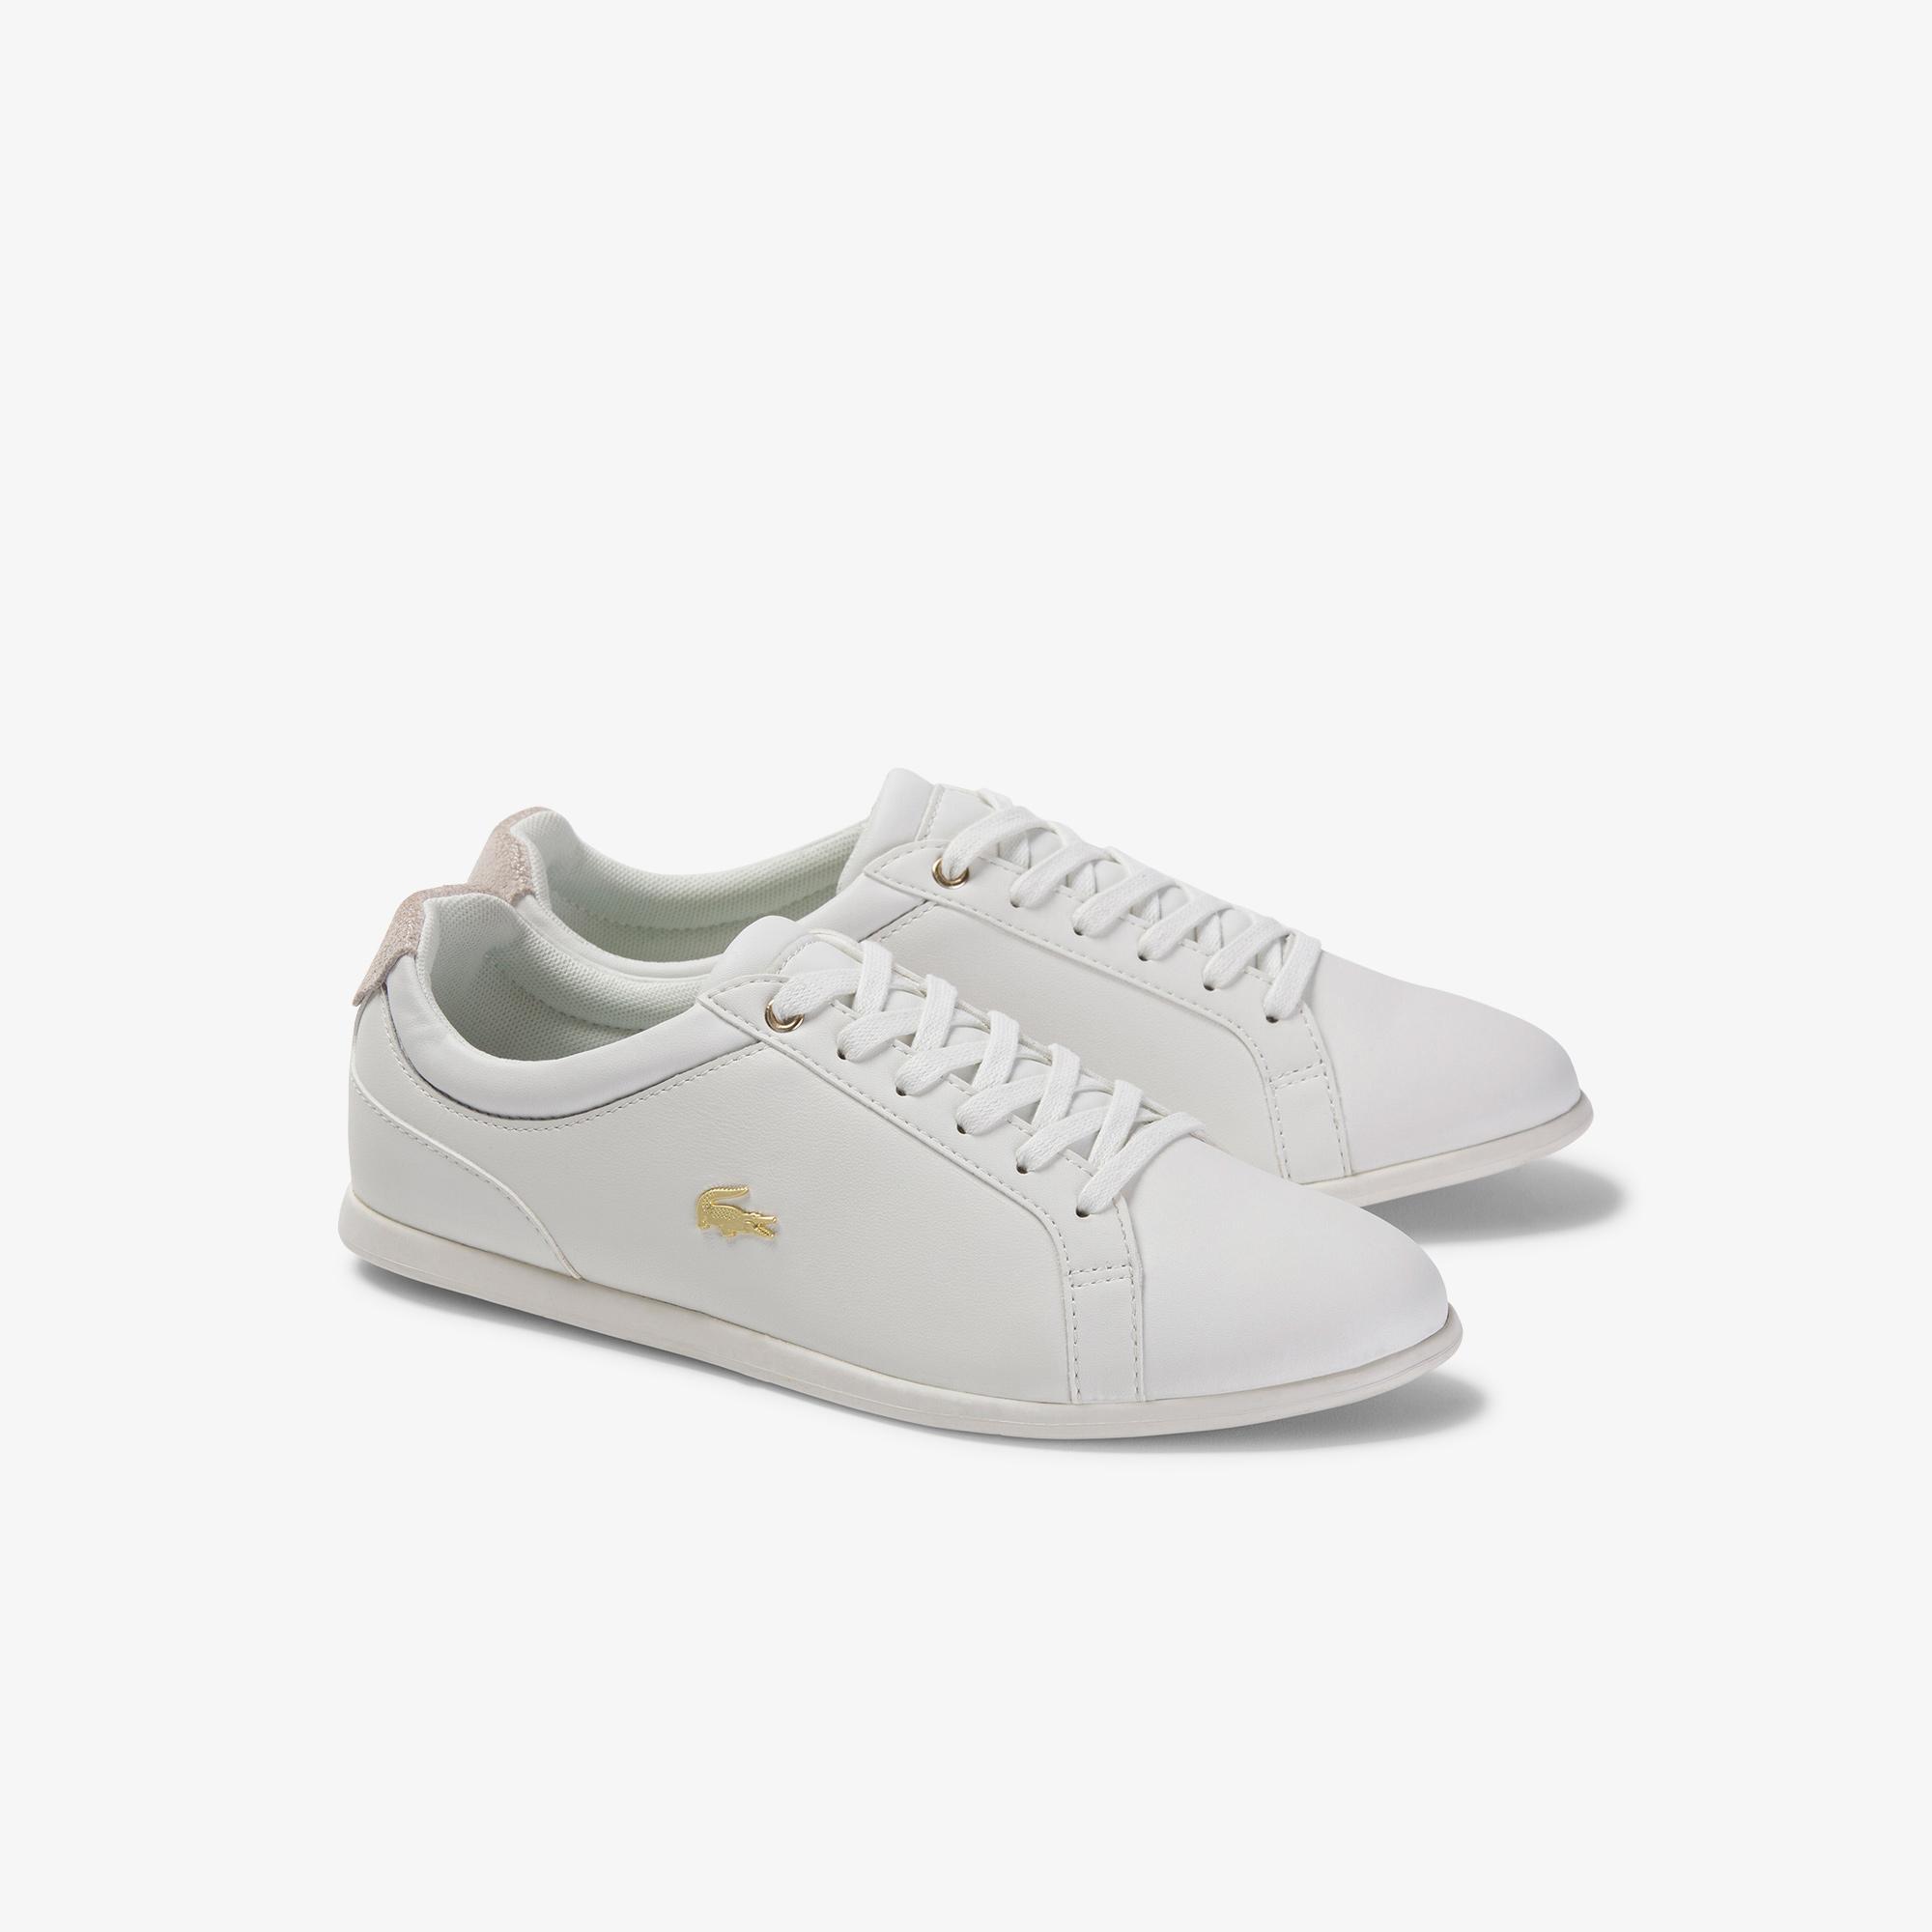 Lacoste Rey Lace 120 1 Damskie Sneakersy 739cfa0012 18c Lacoste Pl Zakupy Online